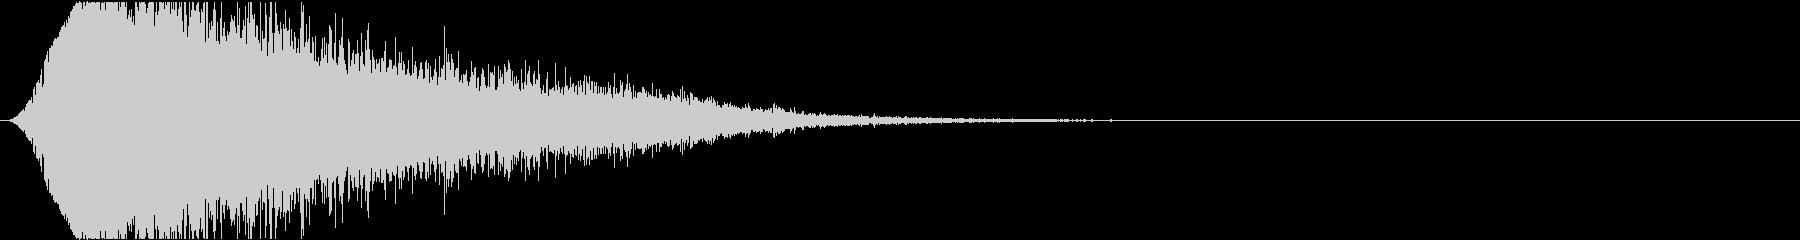 音楽スティンガー;巨大なSFオーケ...の未再生の波形